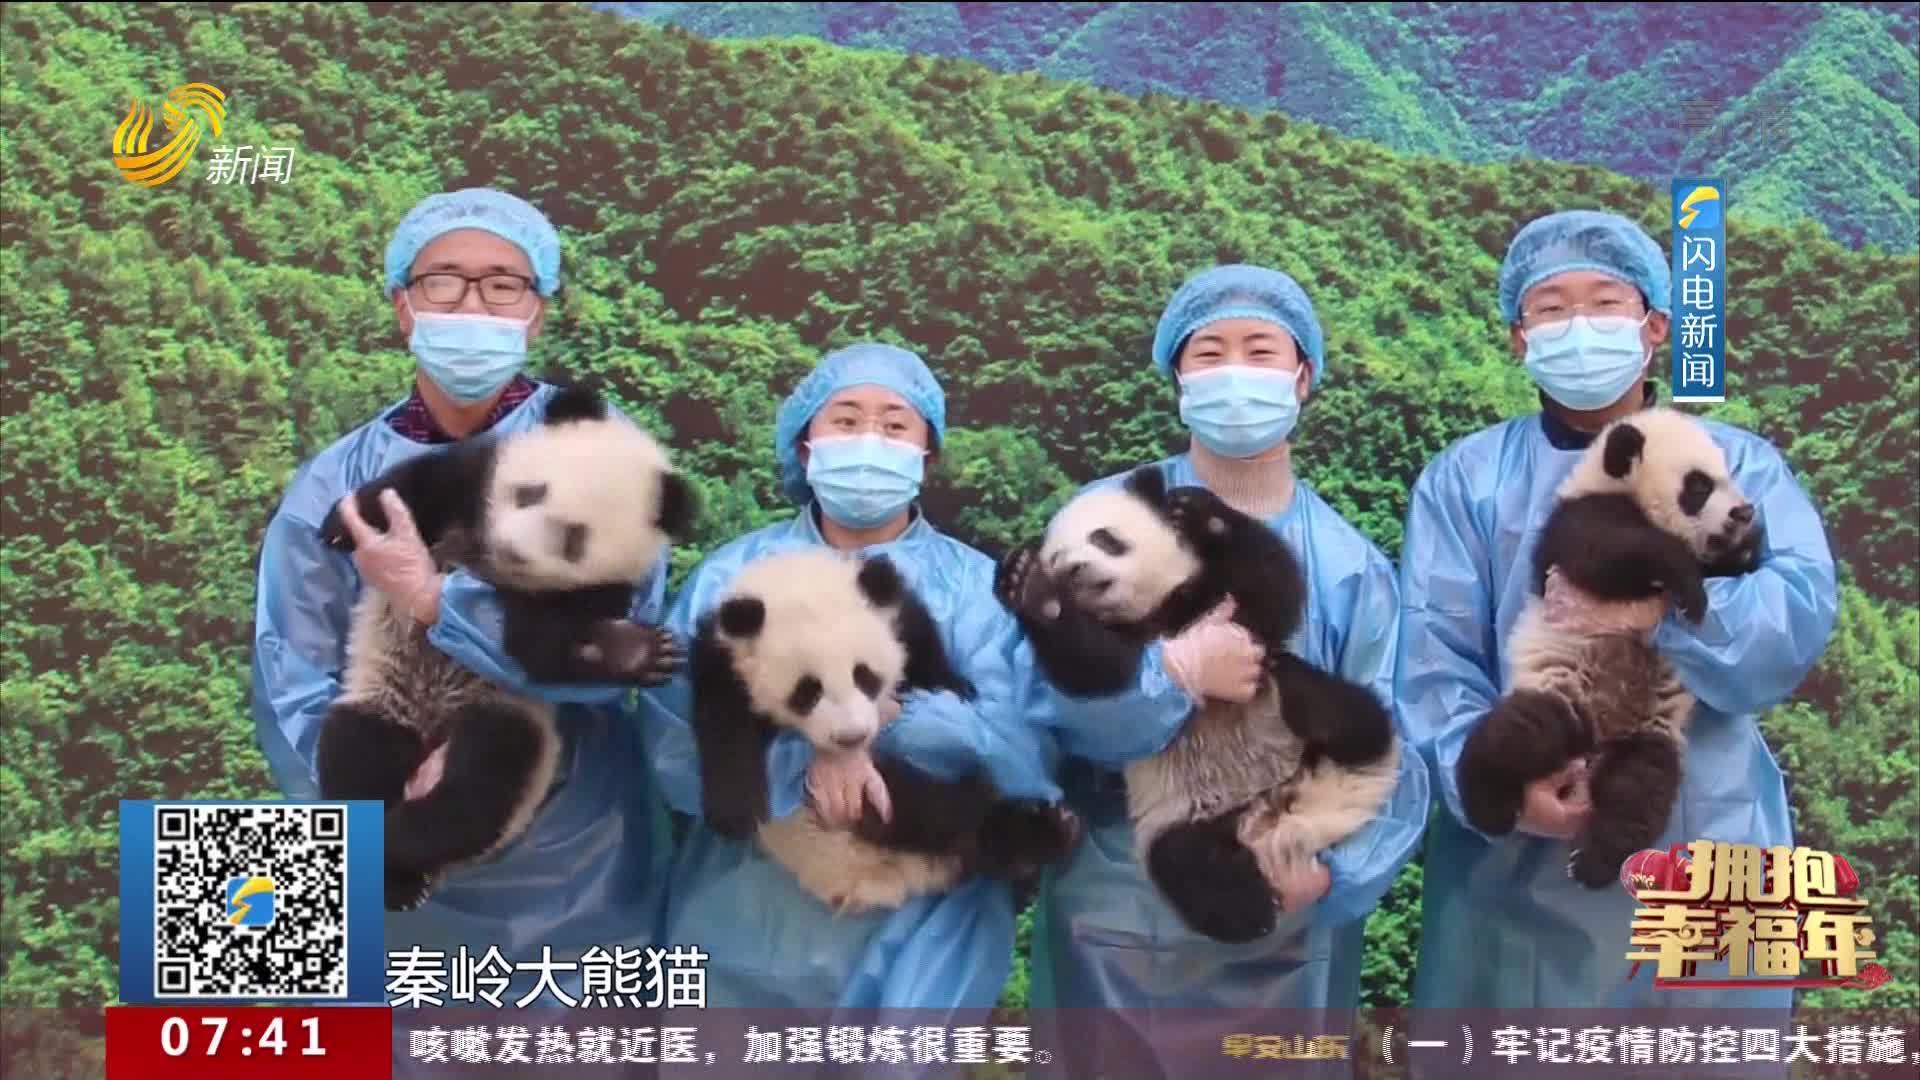 【拥抱幸福年】秦岭4只大熊猫宝宝集体亮相 向全国人民拜年